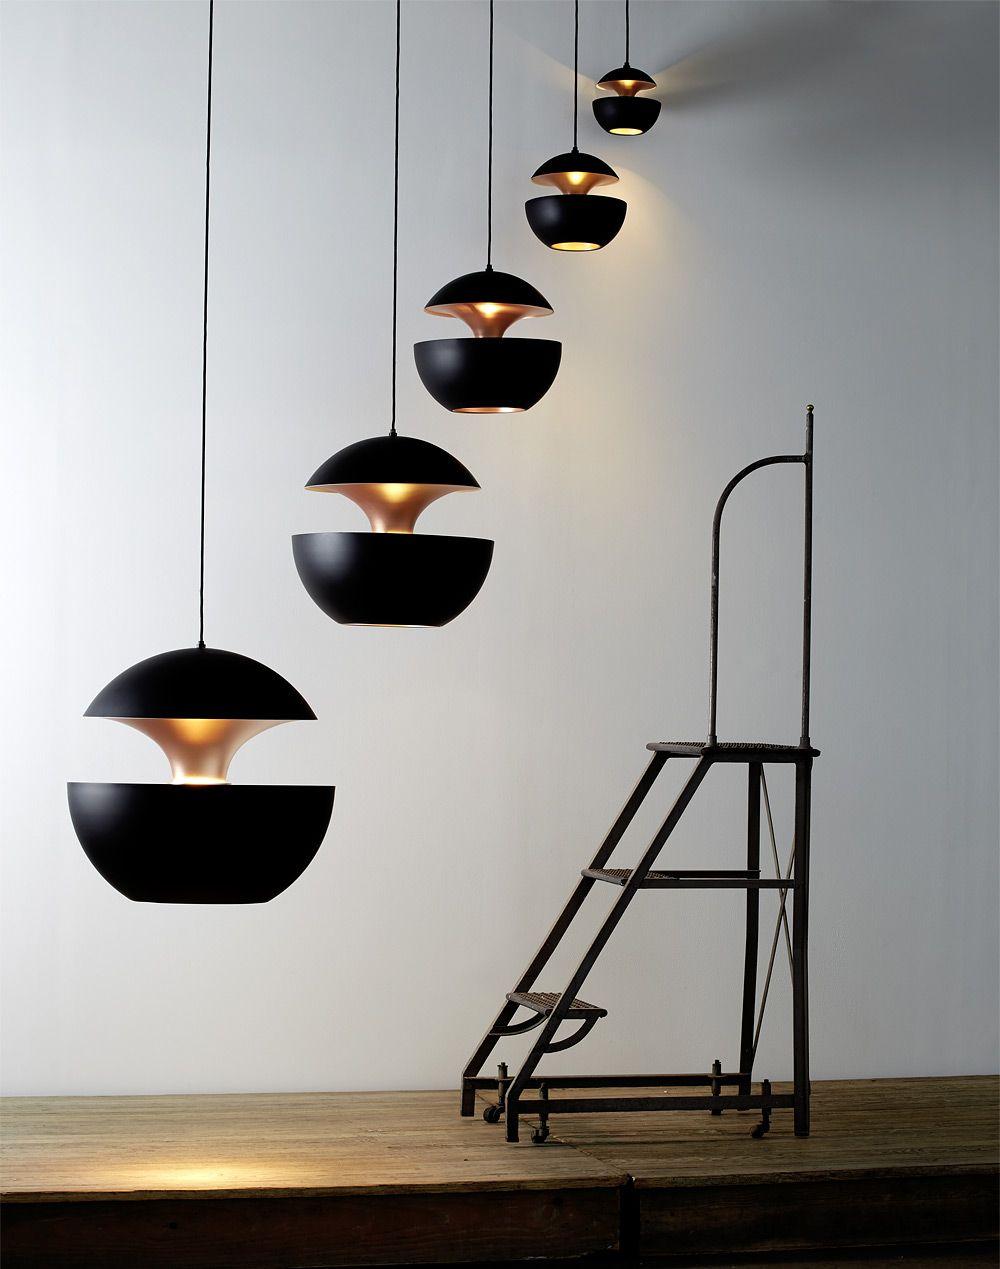 schwarze deckenlampen bewährte images und ebddadfaf